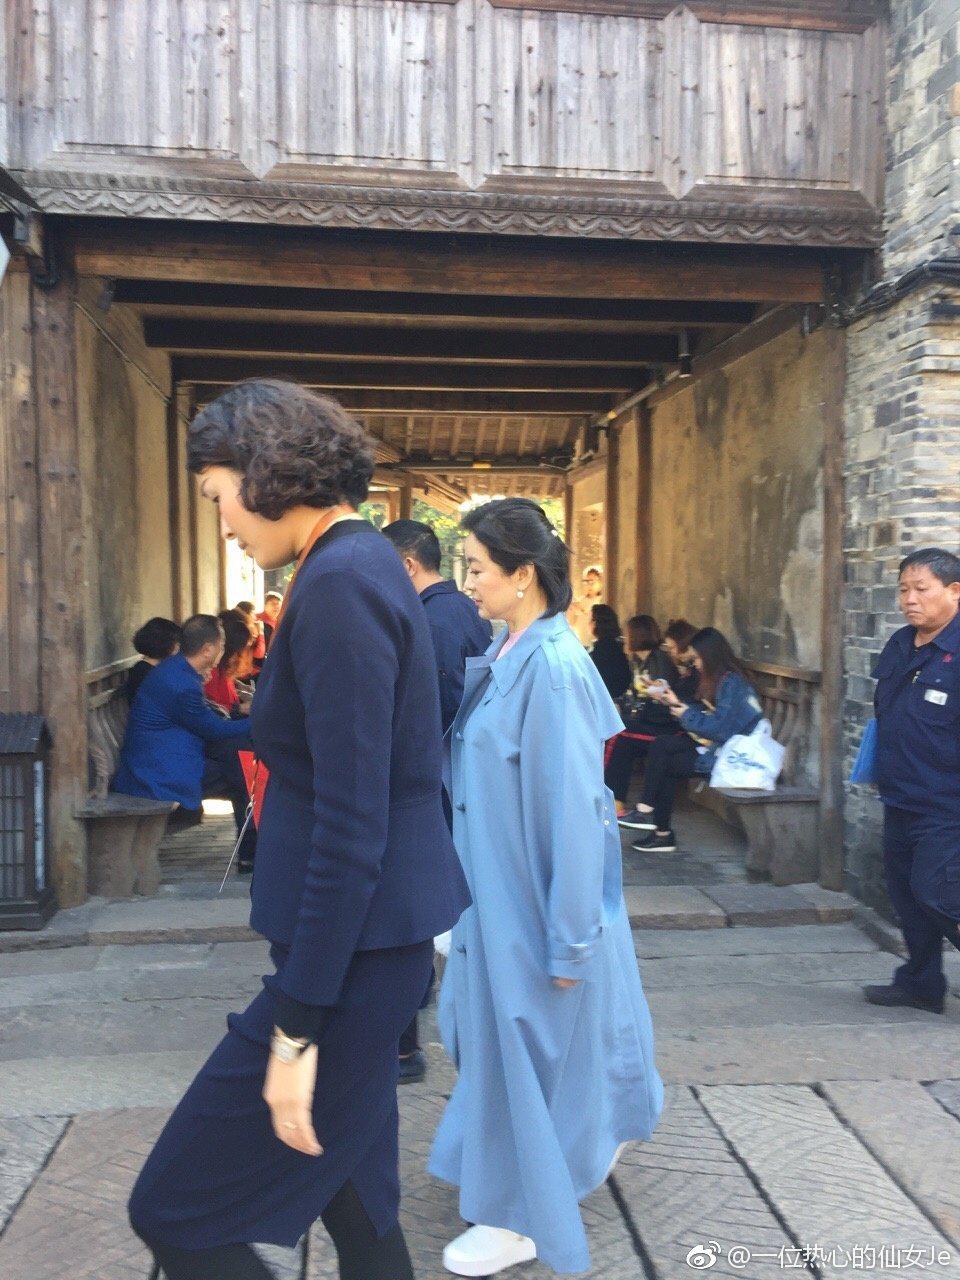 林青霞日前在參加烏鎮戲劇節的時候,低調地走在人群中還一度沒被路人發現,一旁的路人...